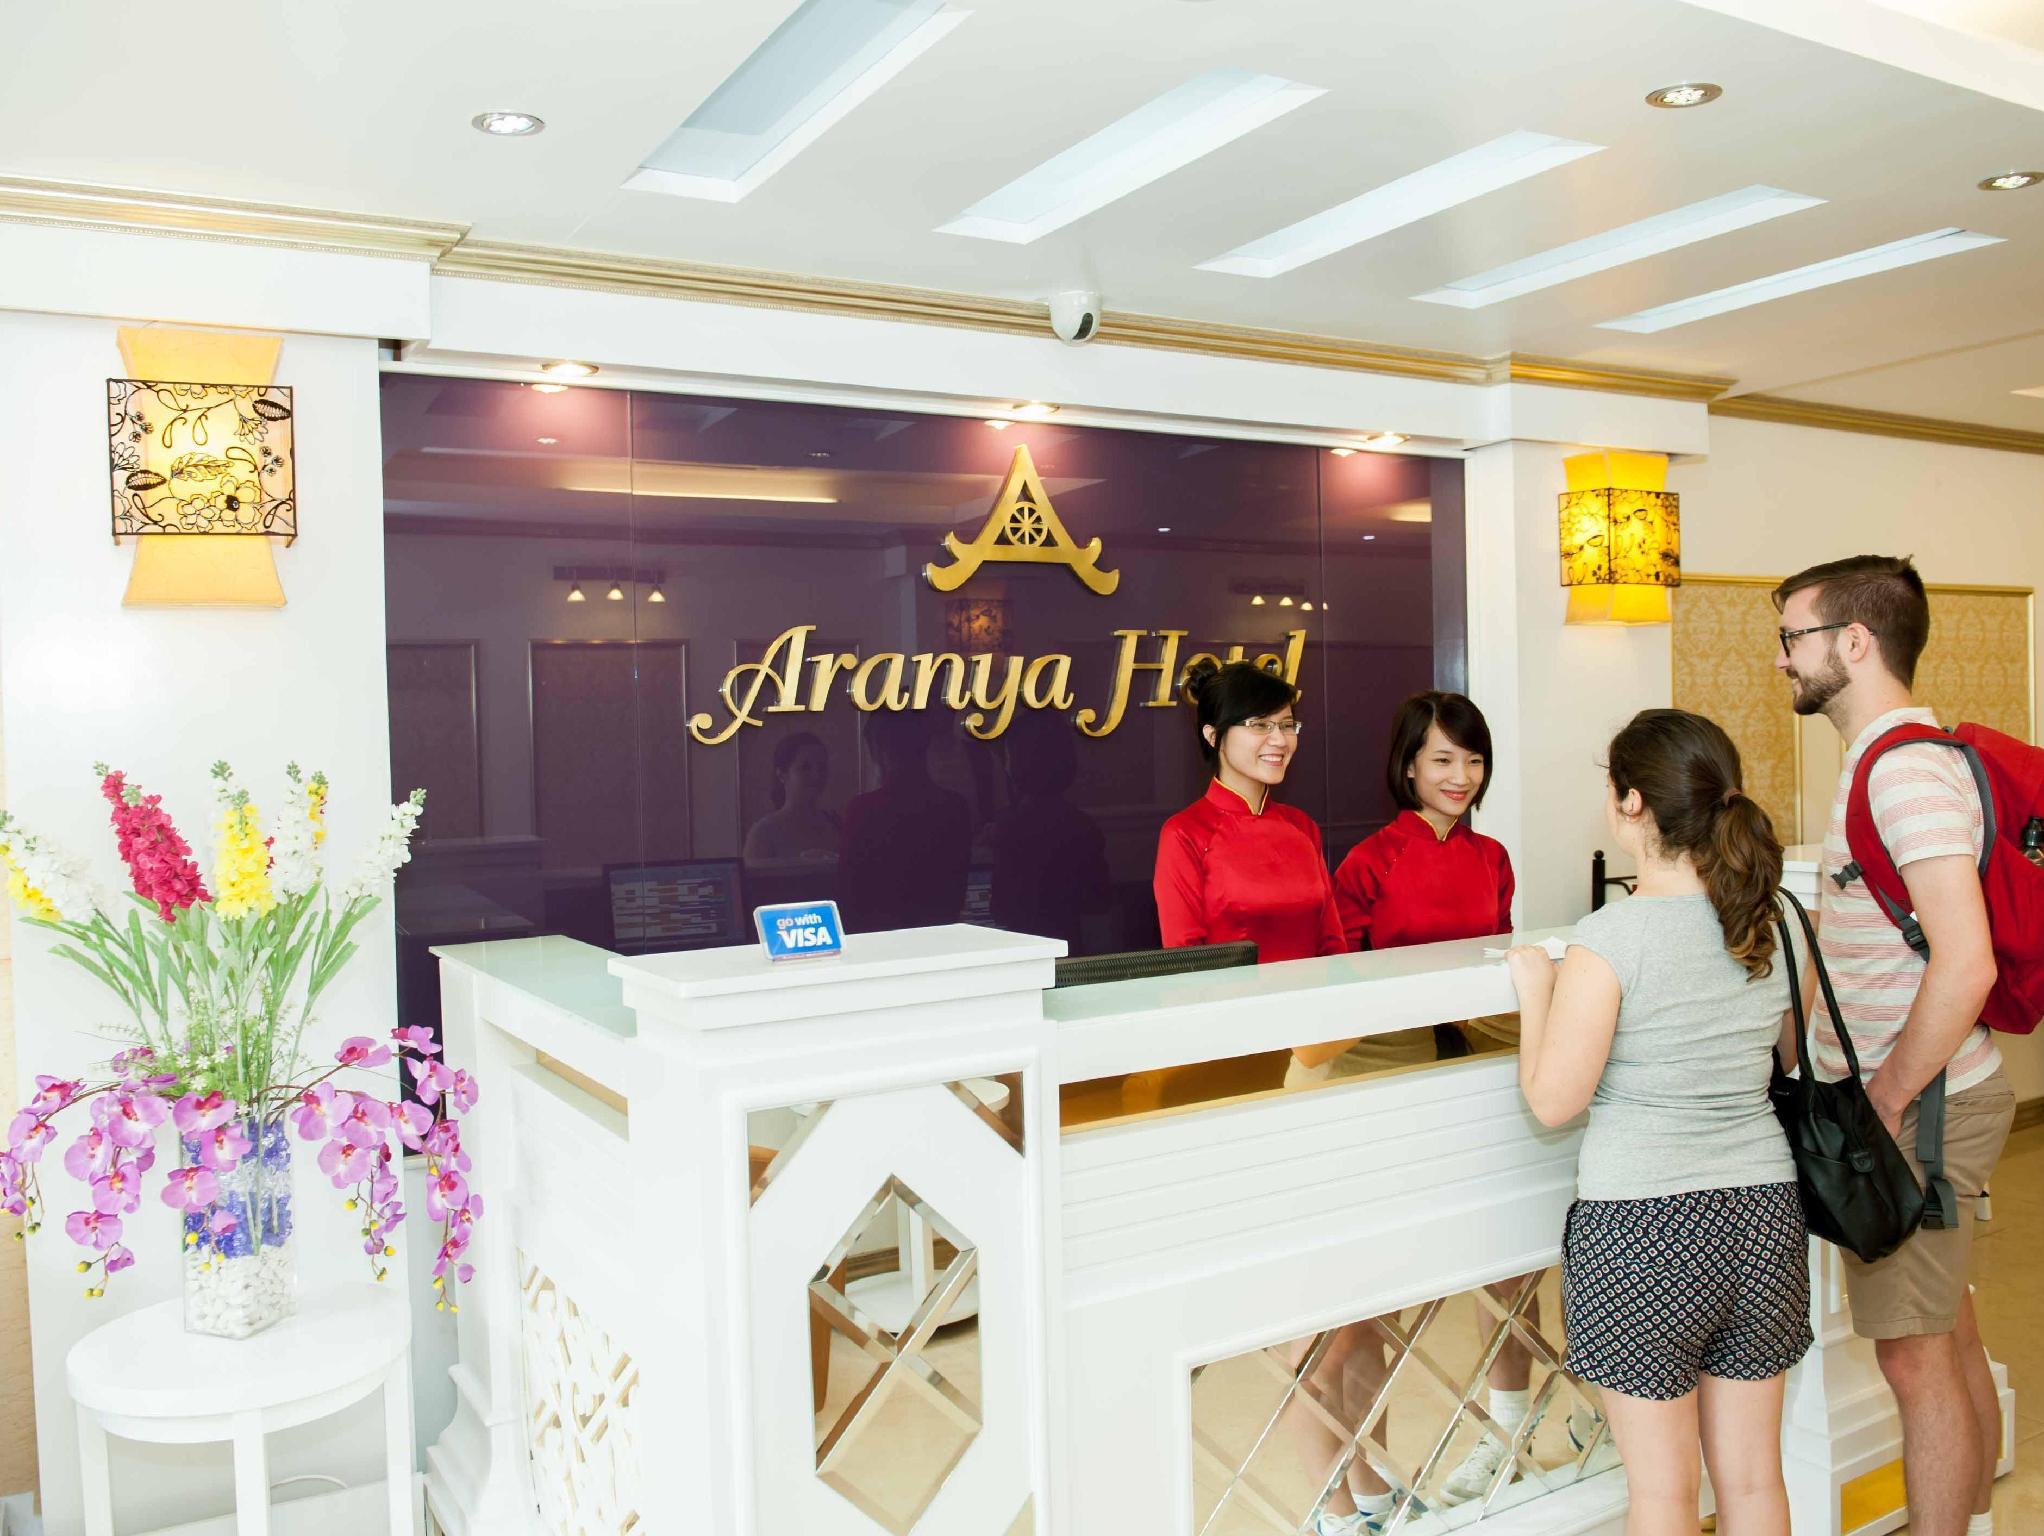 Aranya Hotel - Hotell och Boende i Vietnam , Hanoi